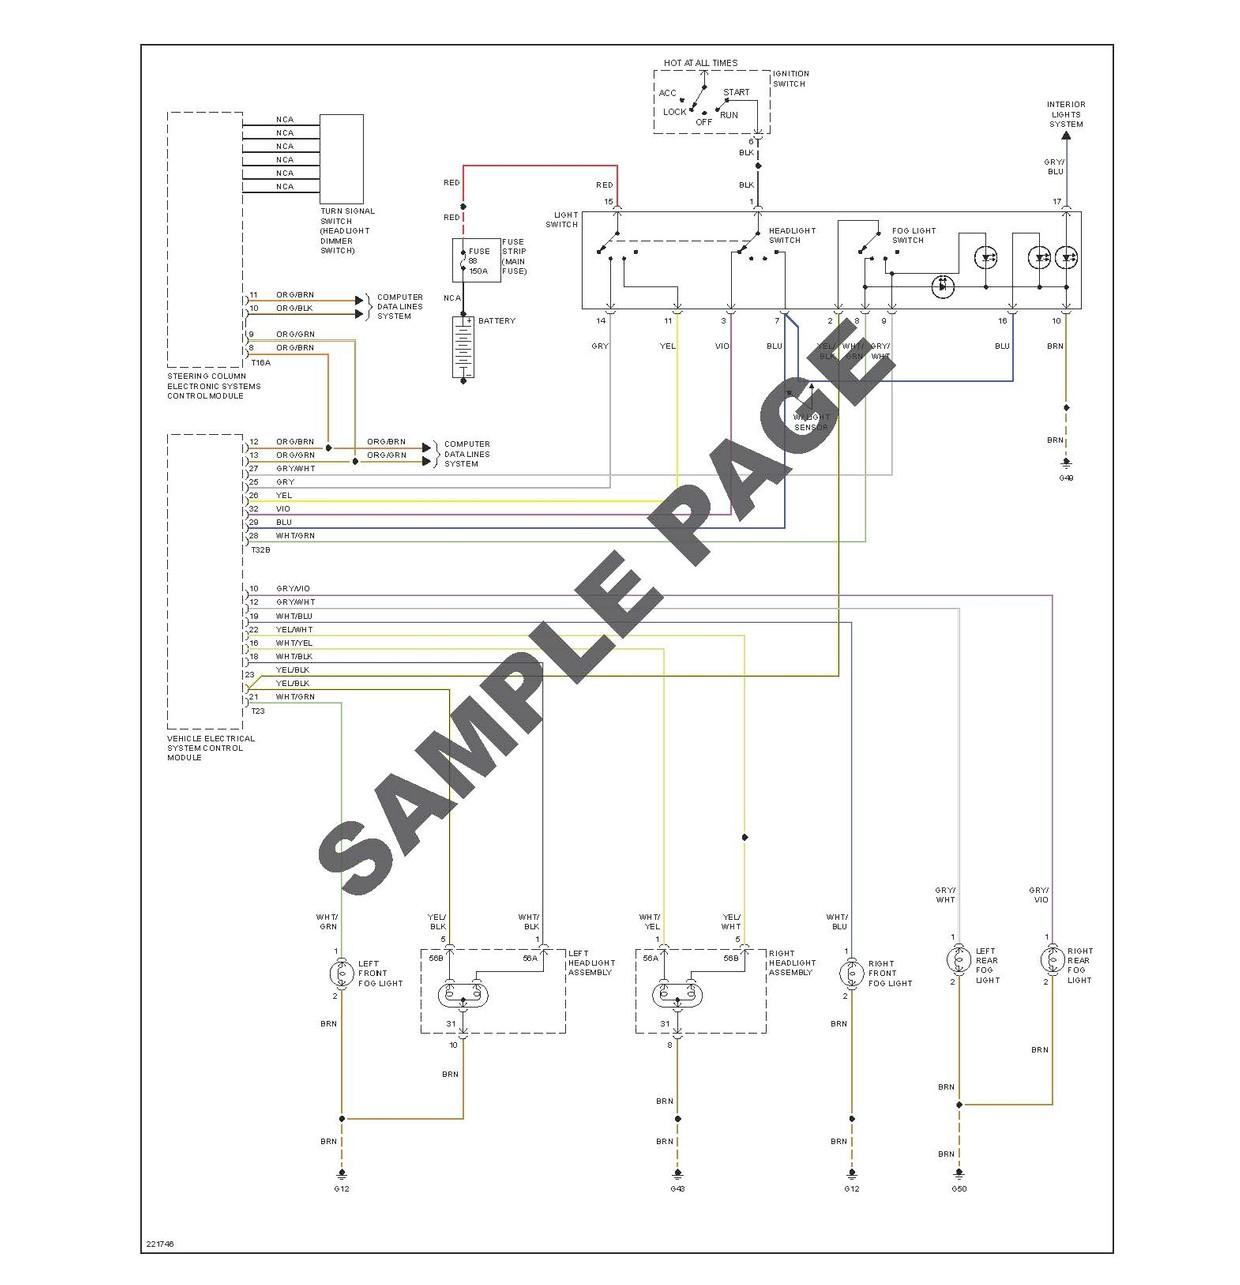 Delonghi Magnifica Esam 4200 Manual Pdf. PDF kostenloser